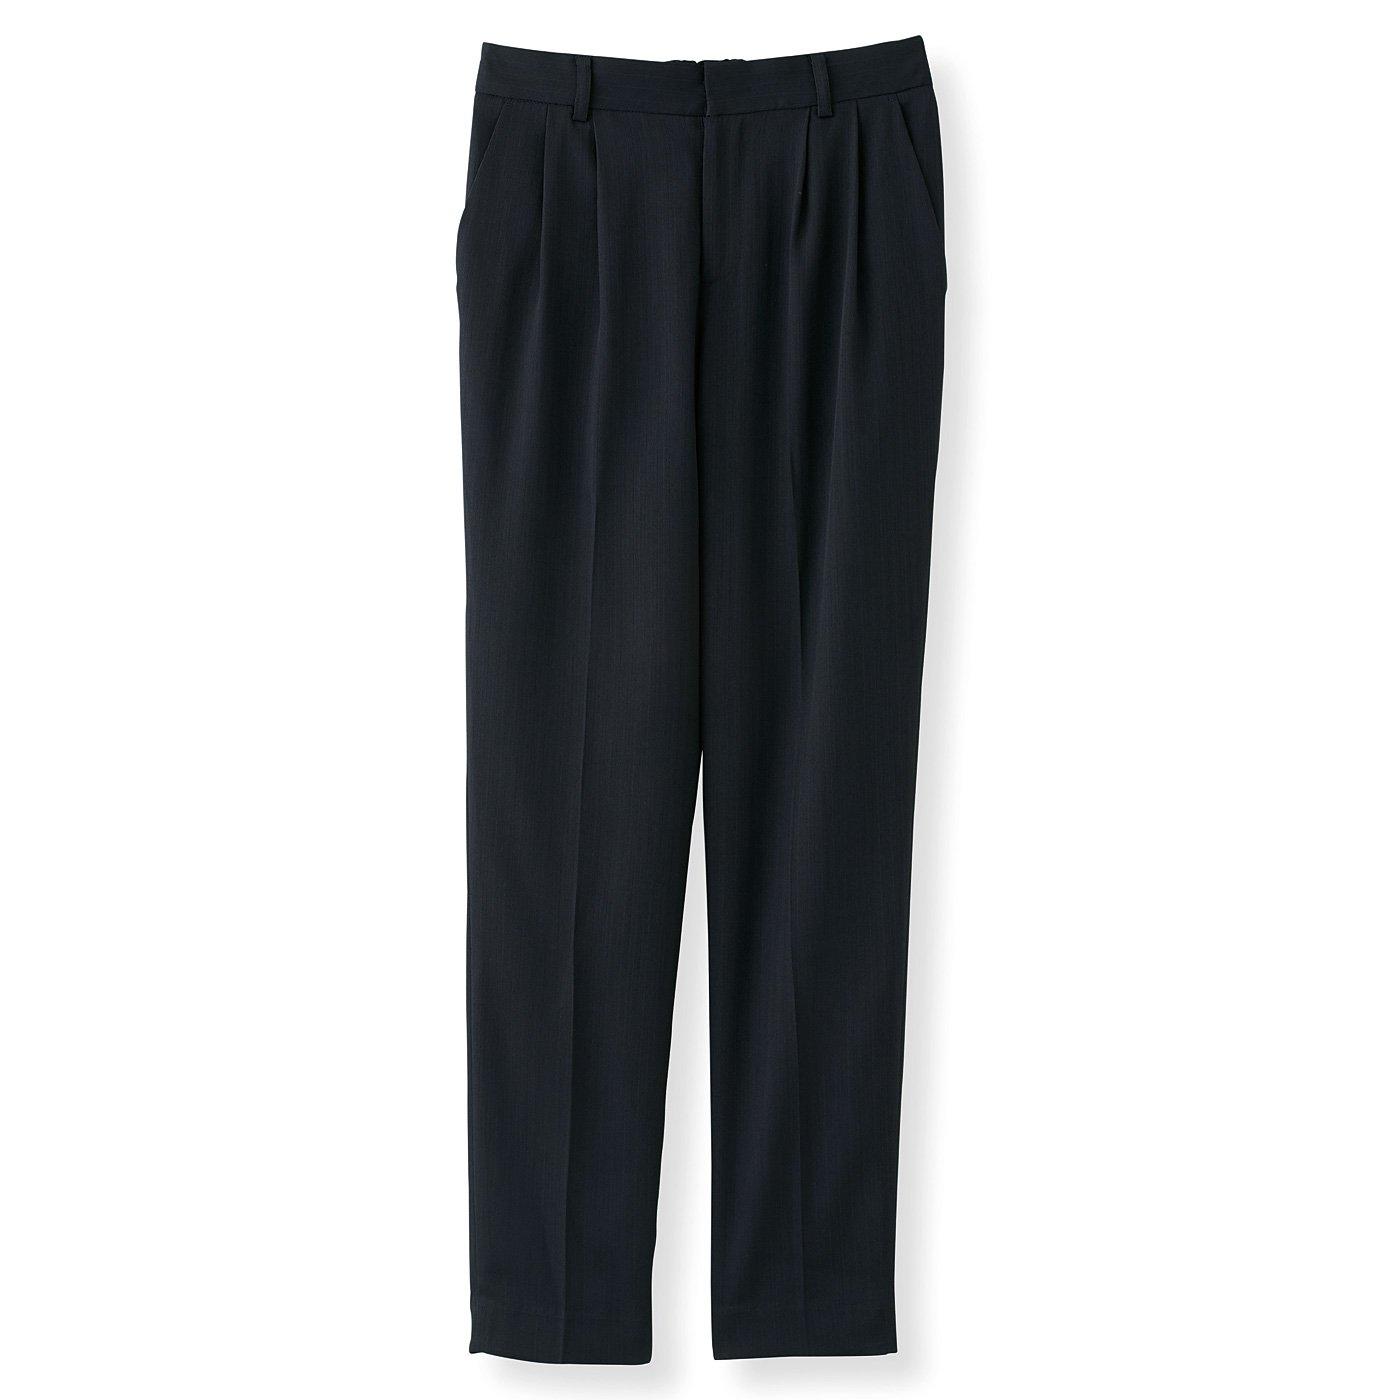 DRECOバイヤーズセレクト 上品光沢のストライプ洗練スーツパンツ〈ネイビー〉